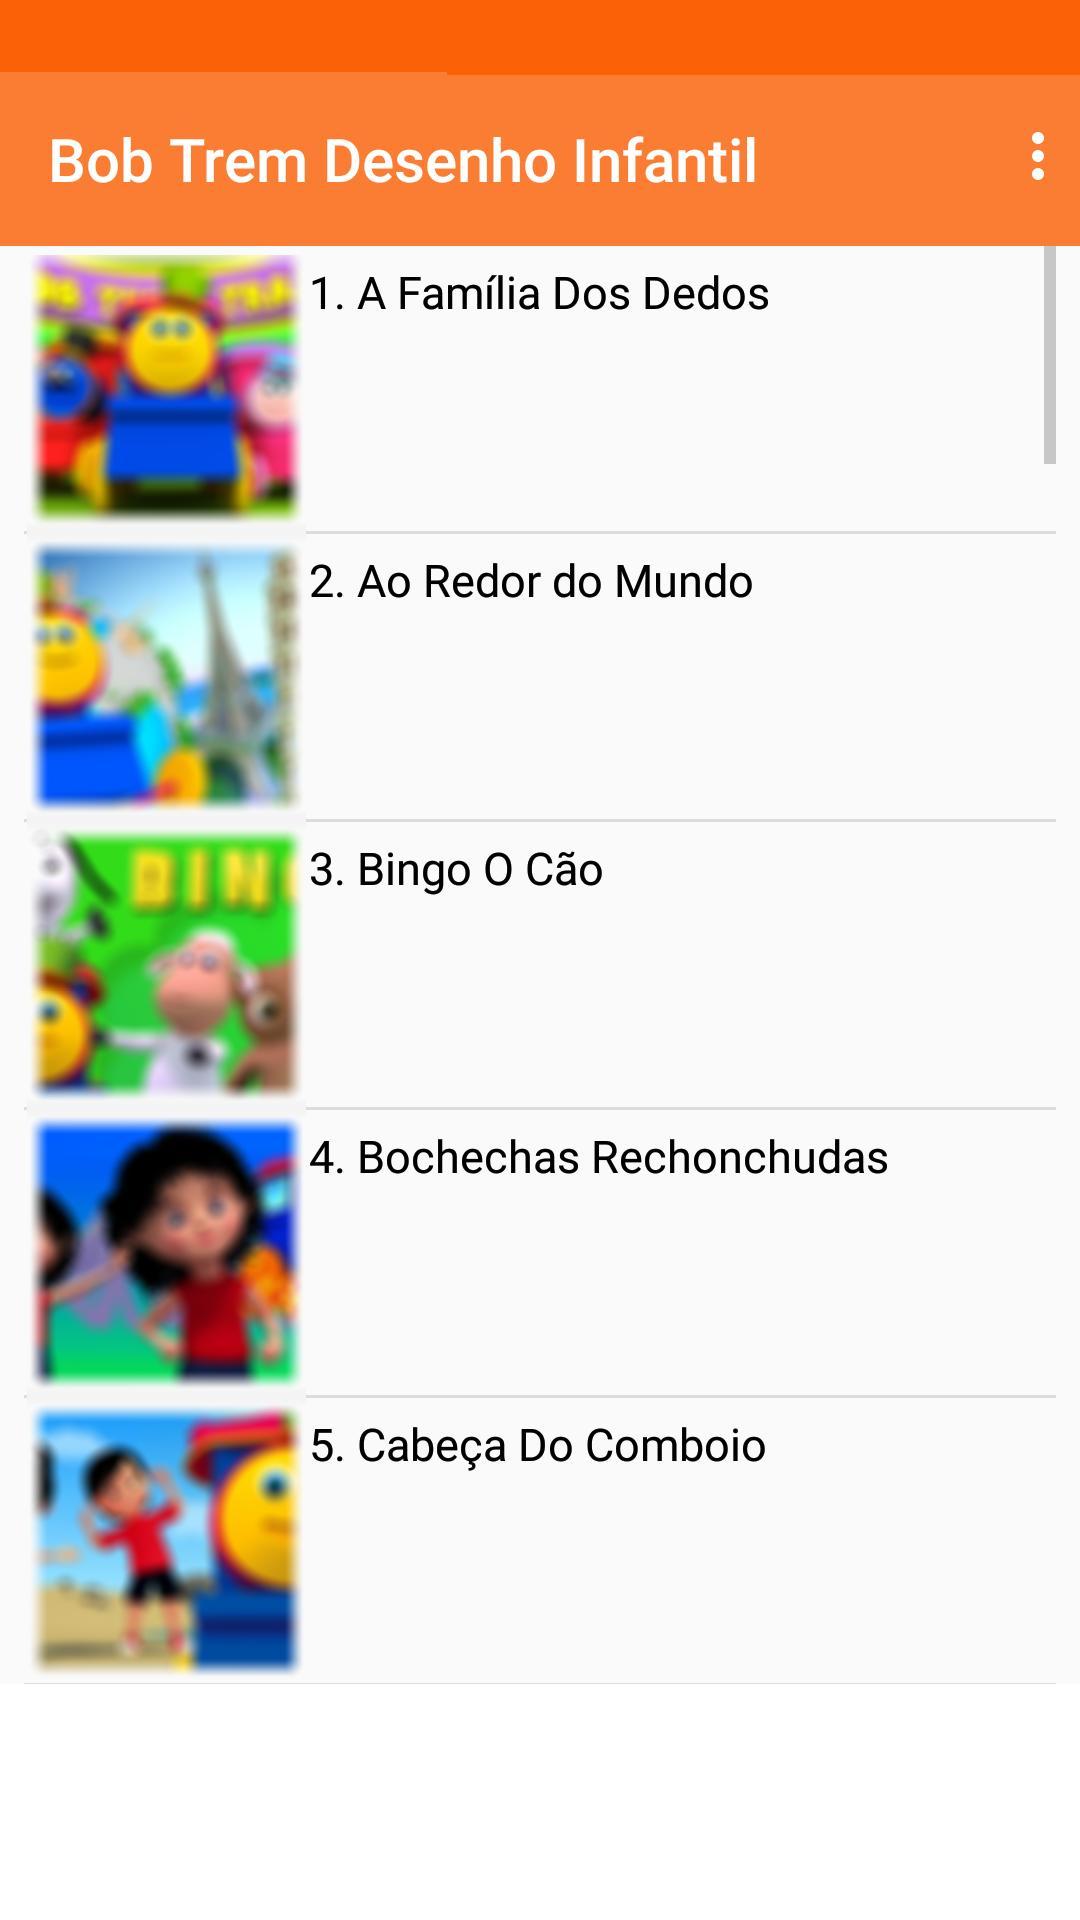 Bob Trem Desenho Infantil For Android Apk Download